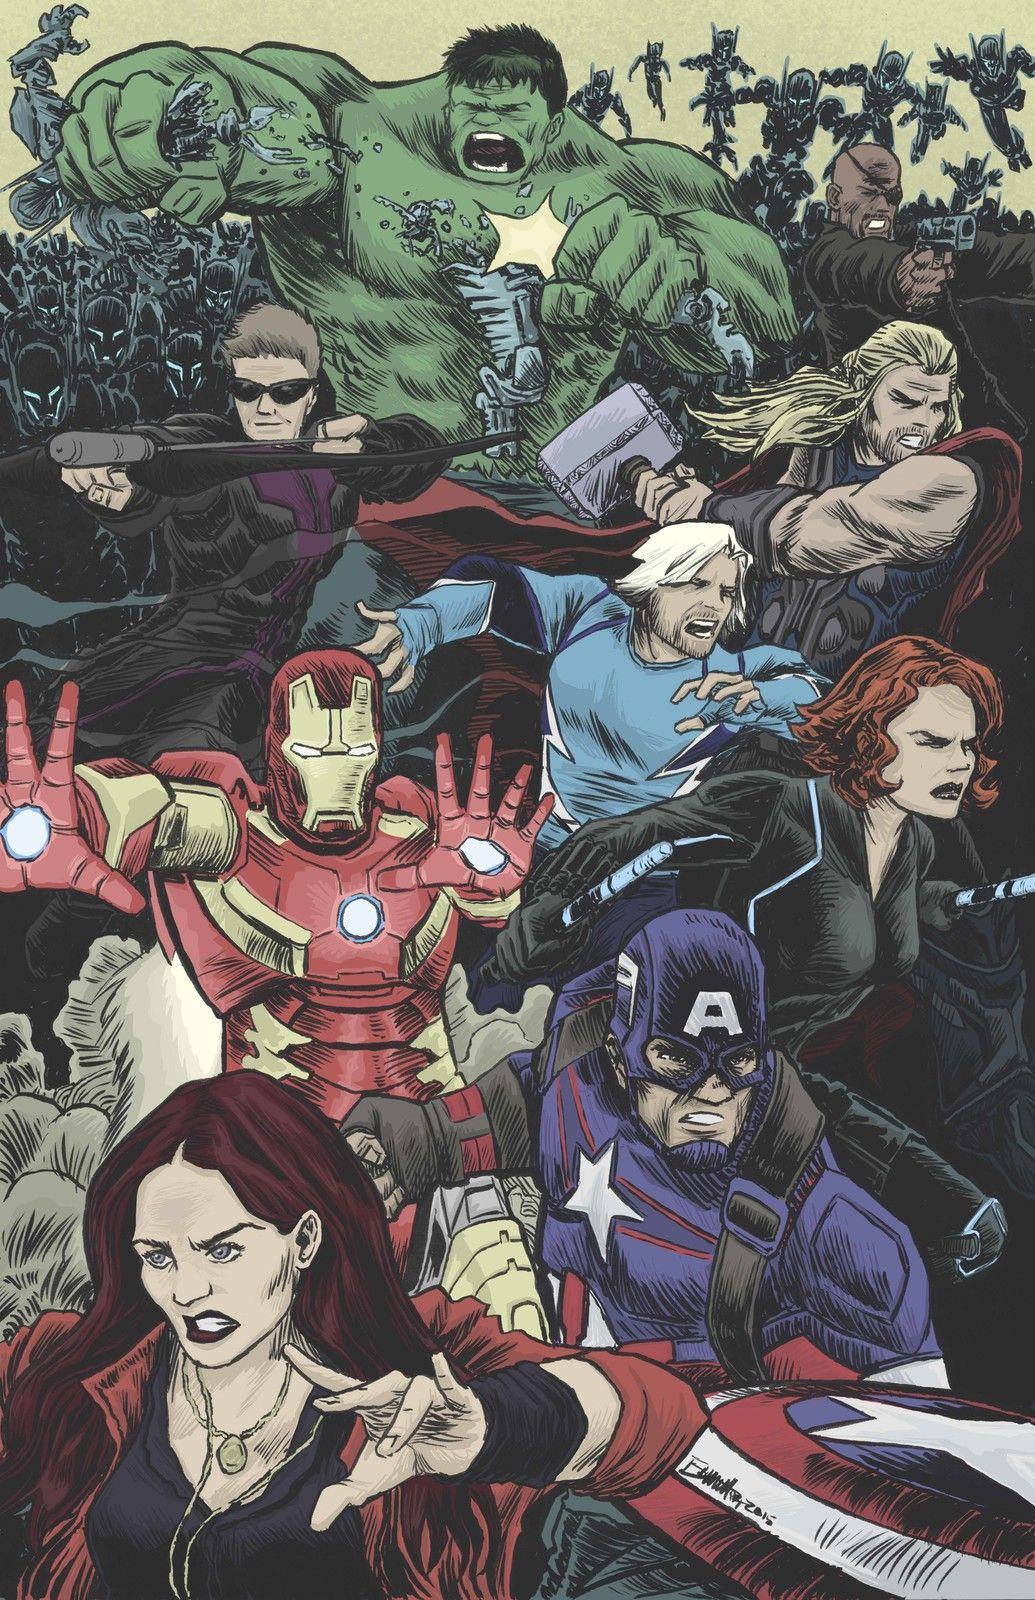 #Avengers #Fan #Art. (Avengers Age of Ultron) By: Jerry Bennett. (THE * 5 * STÅR * ÅWARD * OF: * AW YEAH, IT'S MAJOR ÅWESOMENESS!!!™) ÅÅÅ+